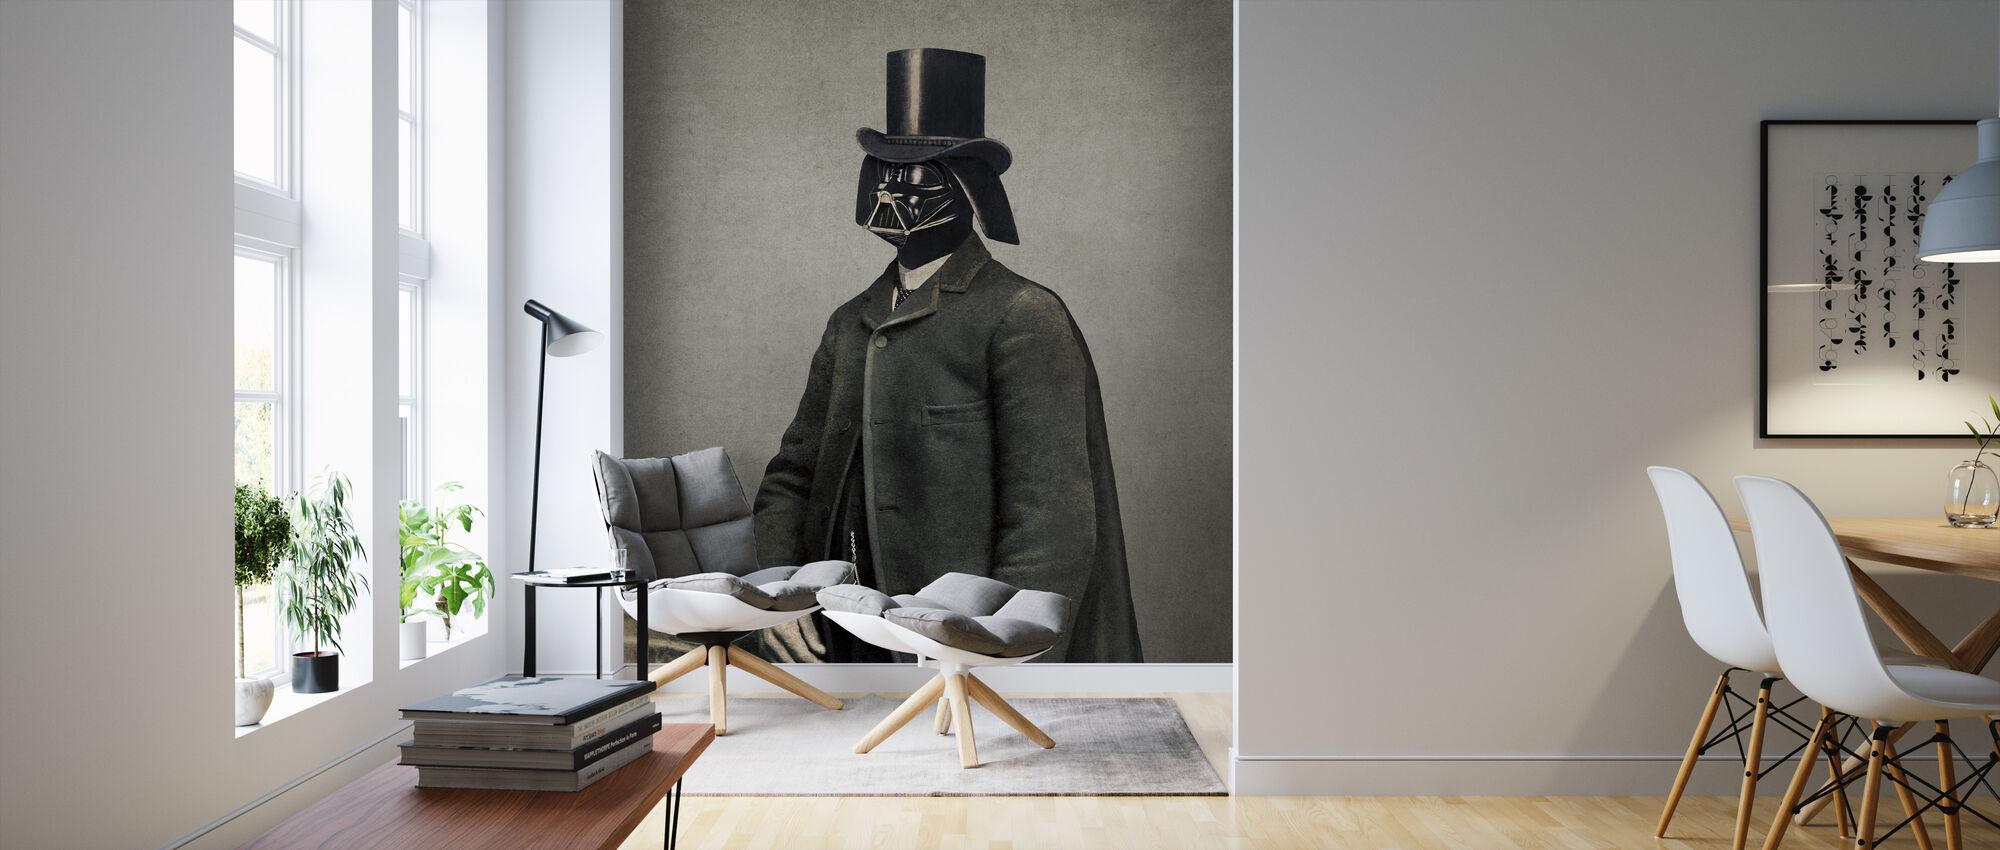 Viktorianische Kriege Lord Vadersworth - Tapete - Wohnzimmer